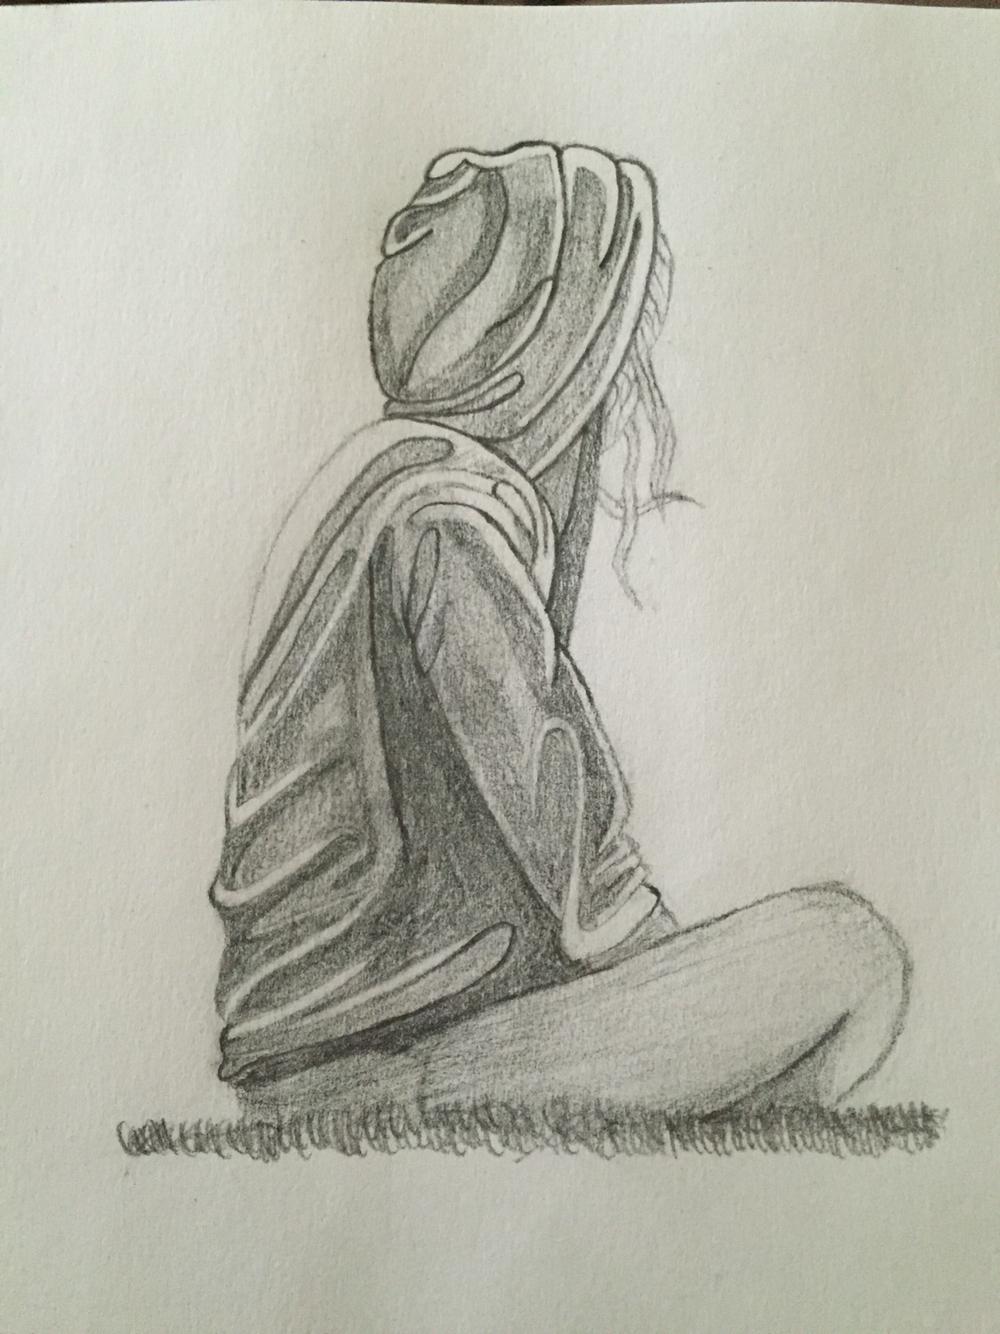 1000x1334 Simple Pencil Sketch Sad Pencil Sketch Drawing Boy Simple Pencil